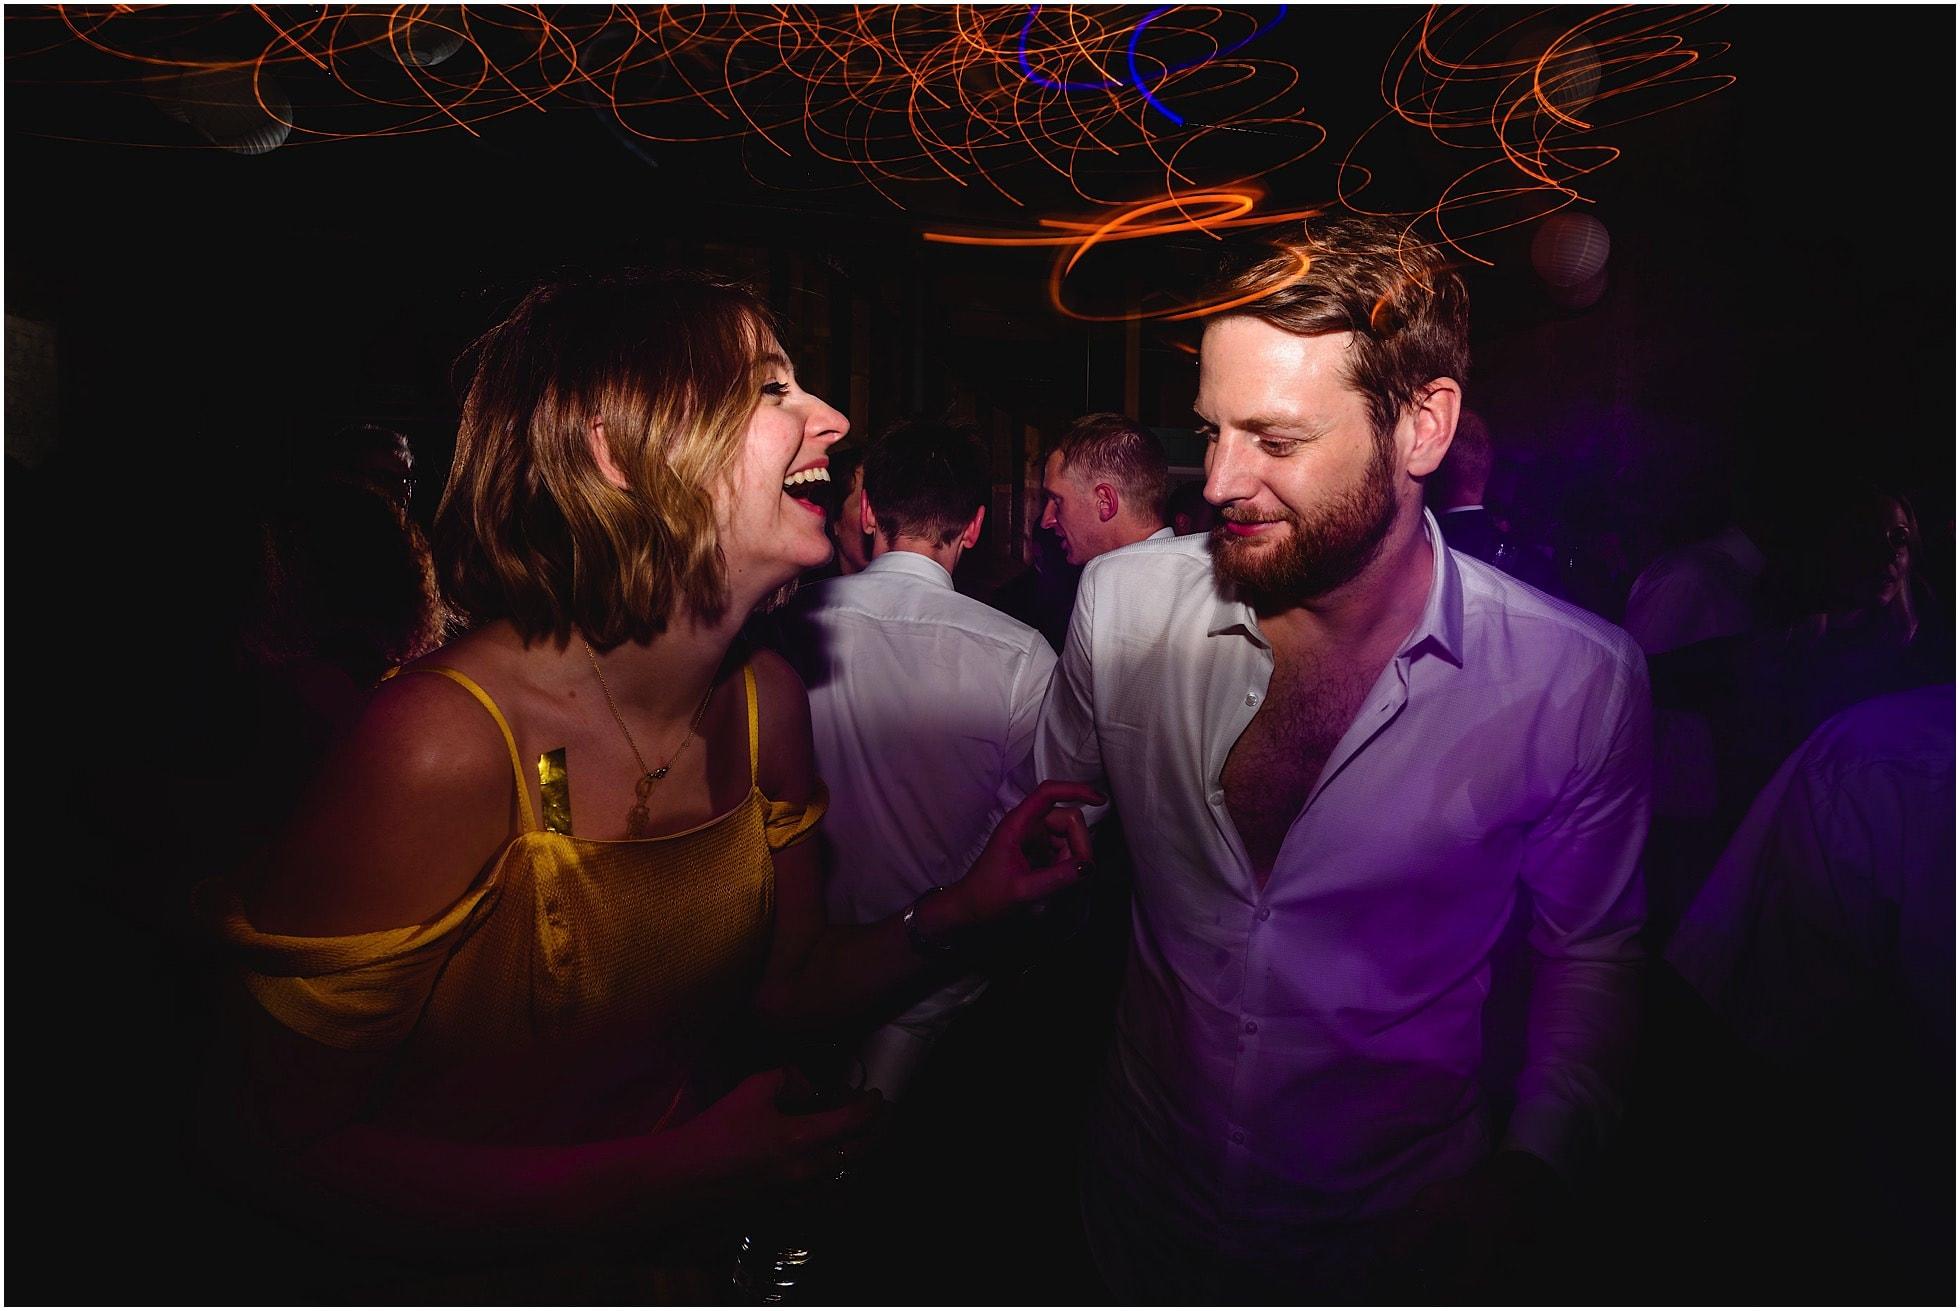 Laughter on the dancefloor